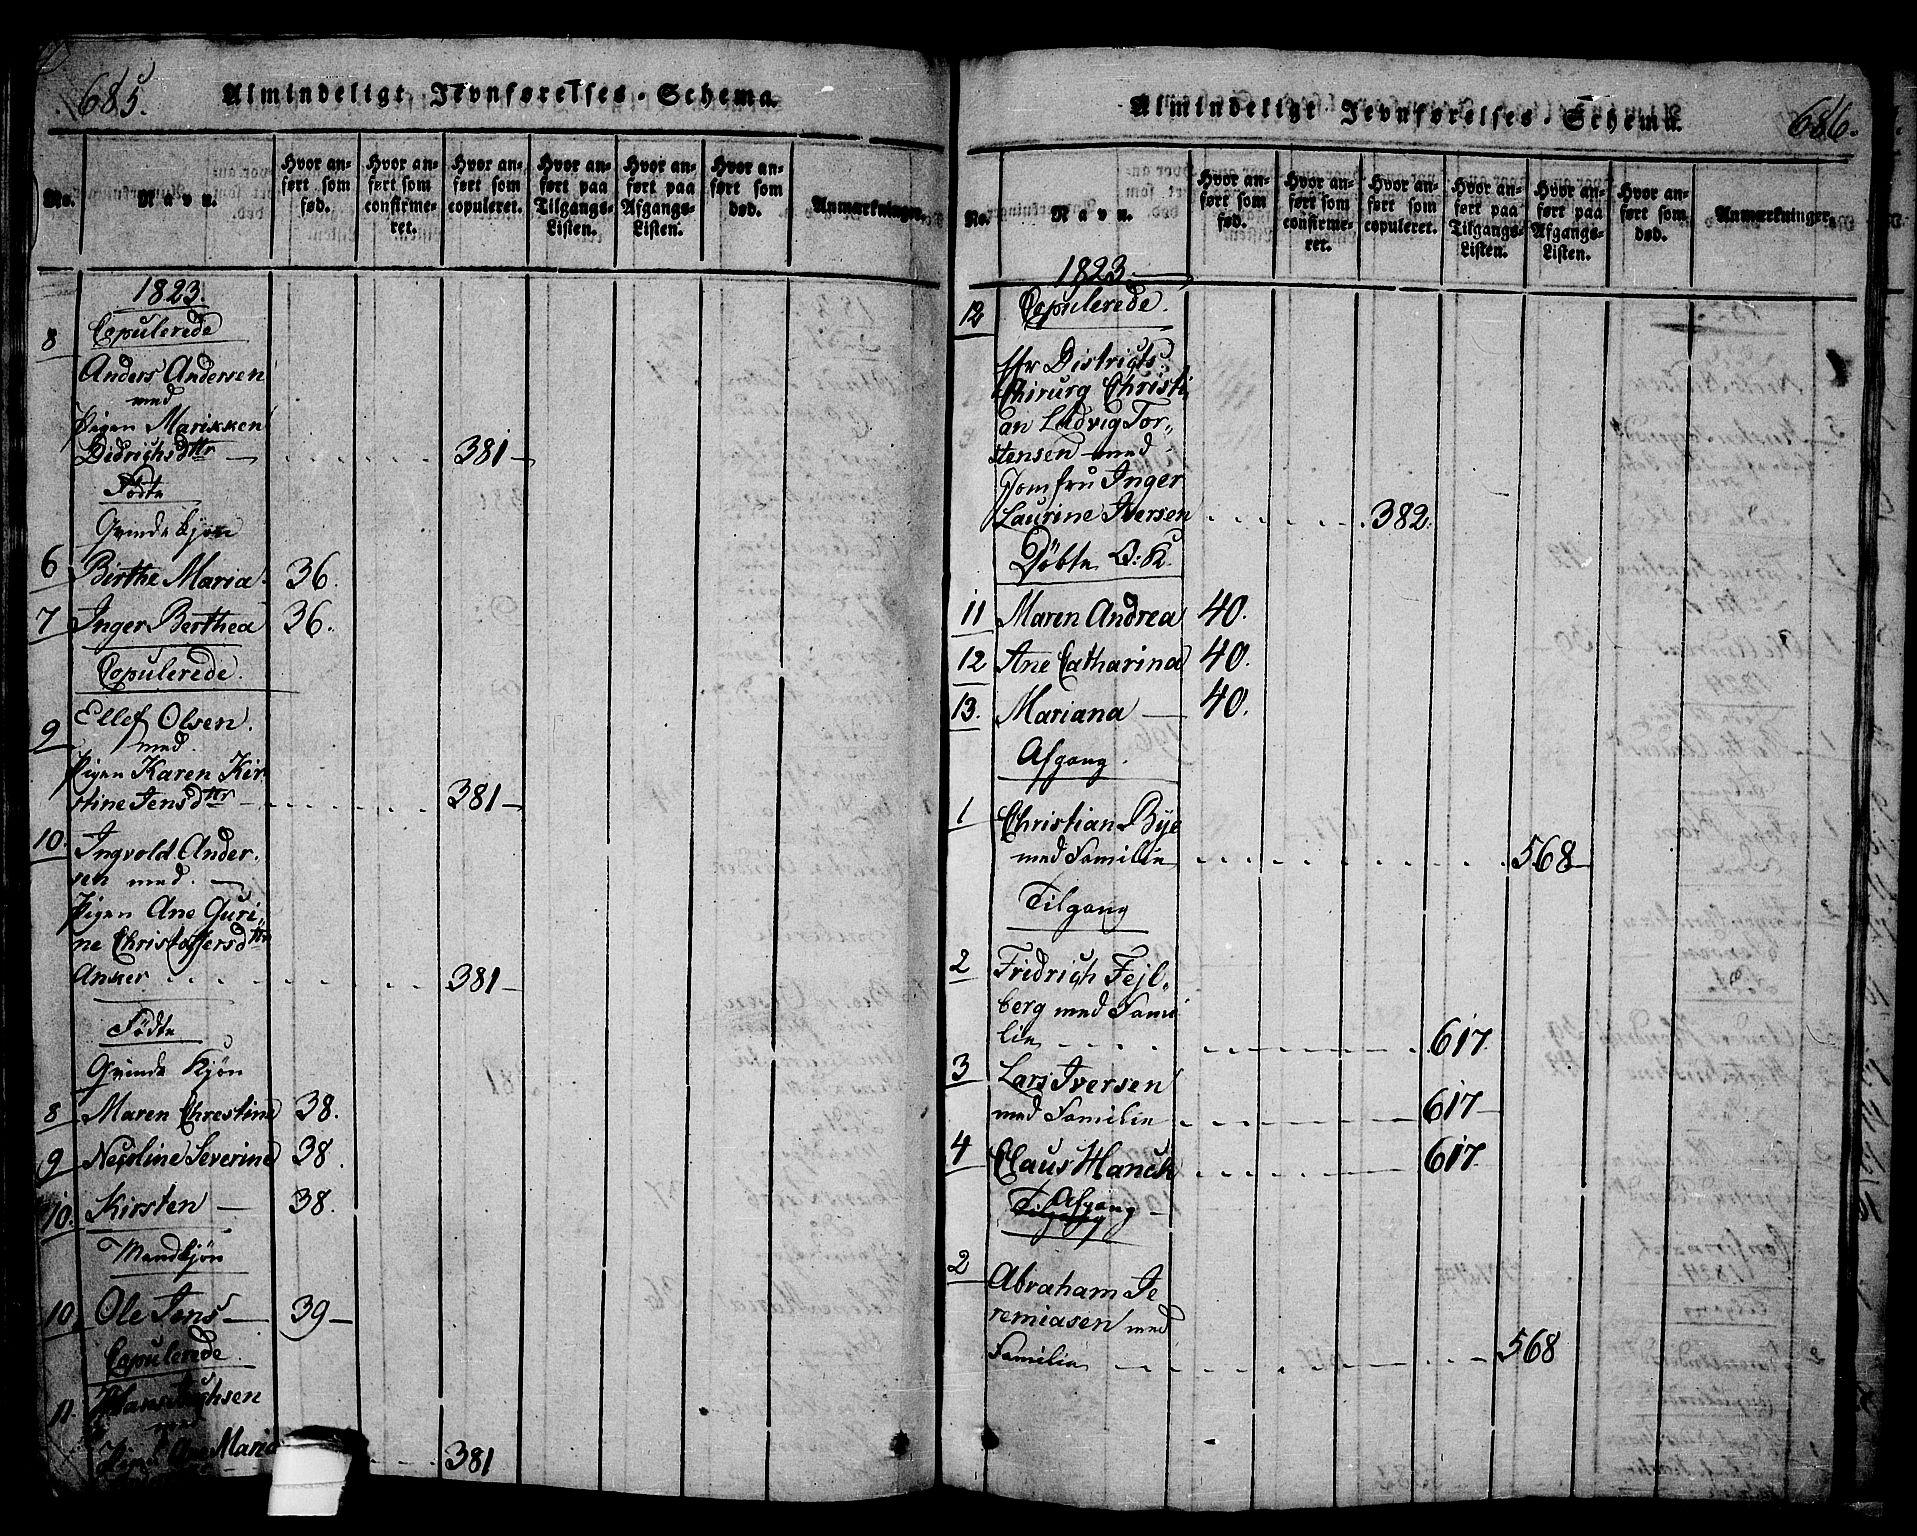 SAKO, Langesund kirkebøker, G/Ga/L0003: Klokkerbok nr. 3, 1815-1858, s. 685-686